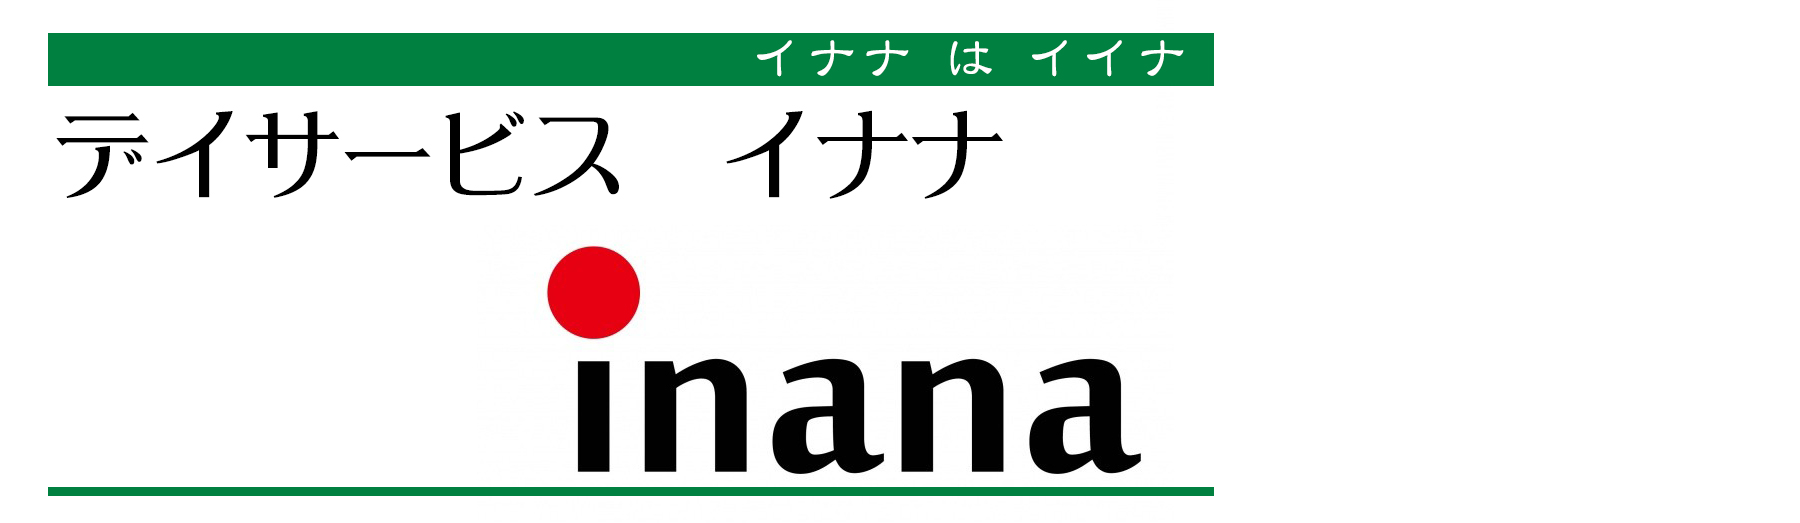 デイサービス inana (イナナ)